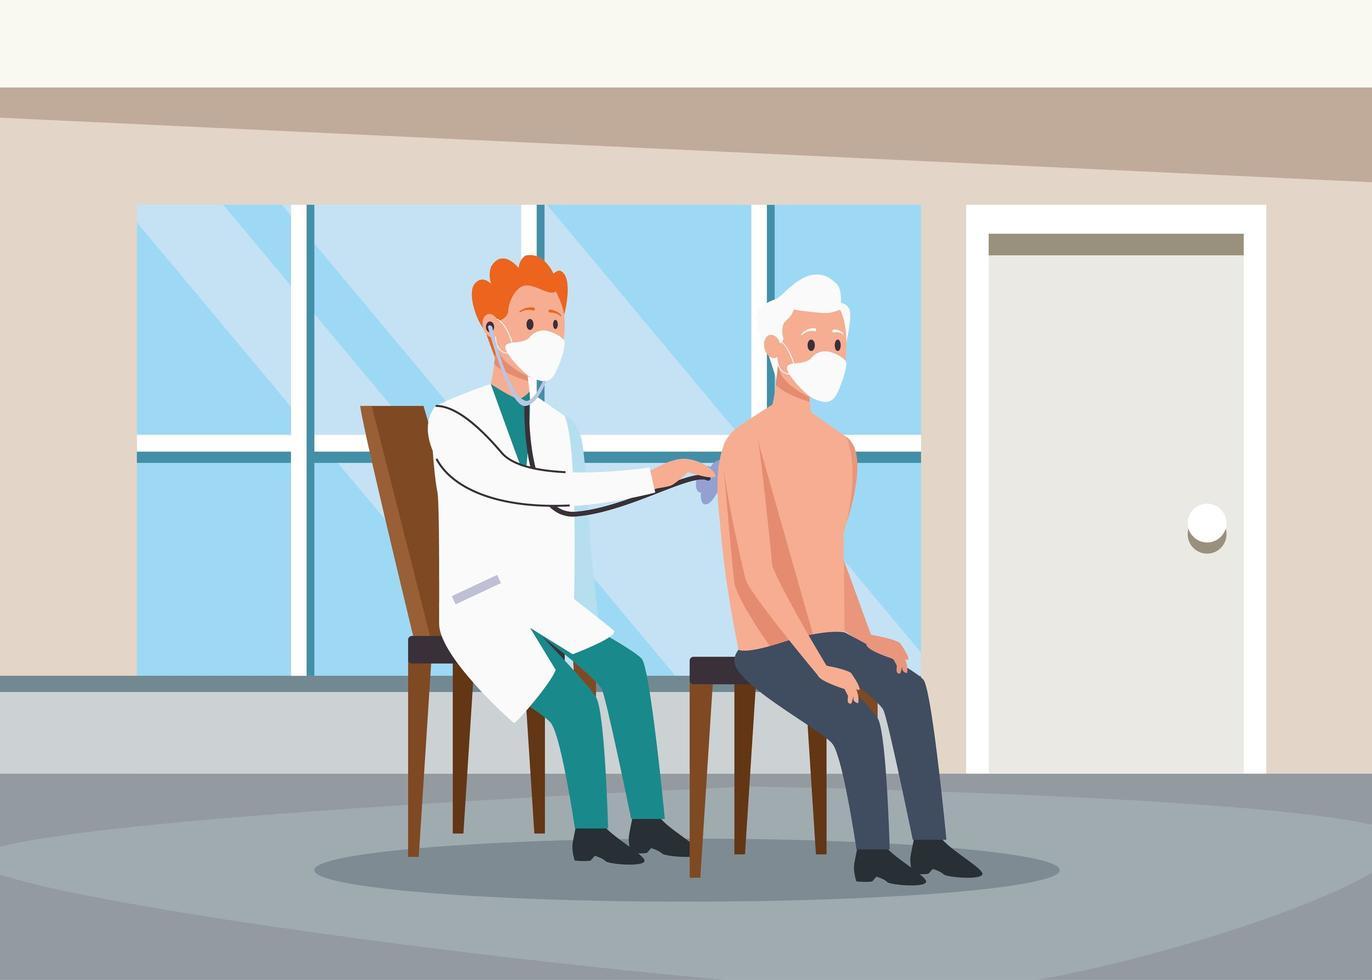 läkare undersöker äldre personers karaktärer vektor